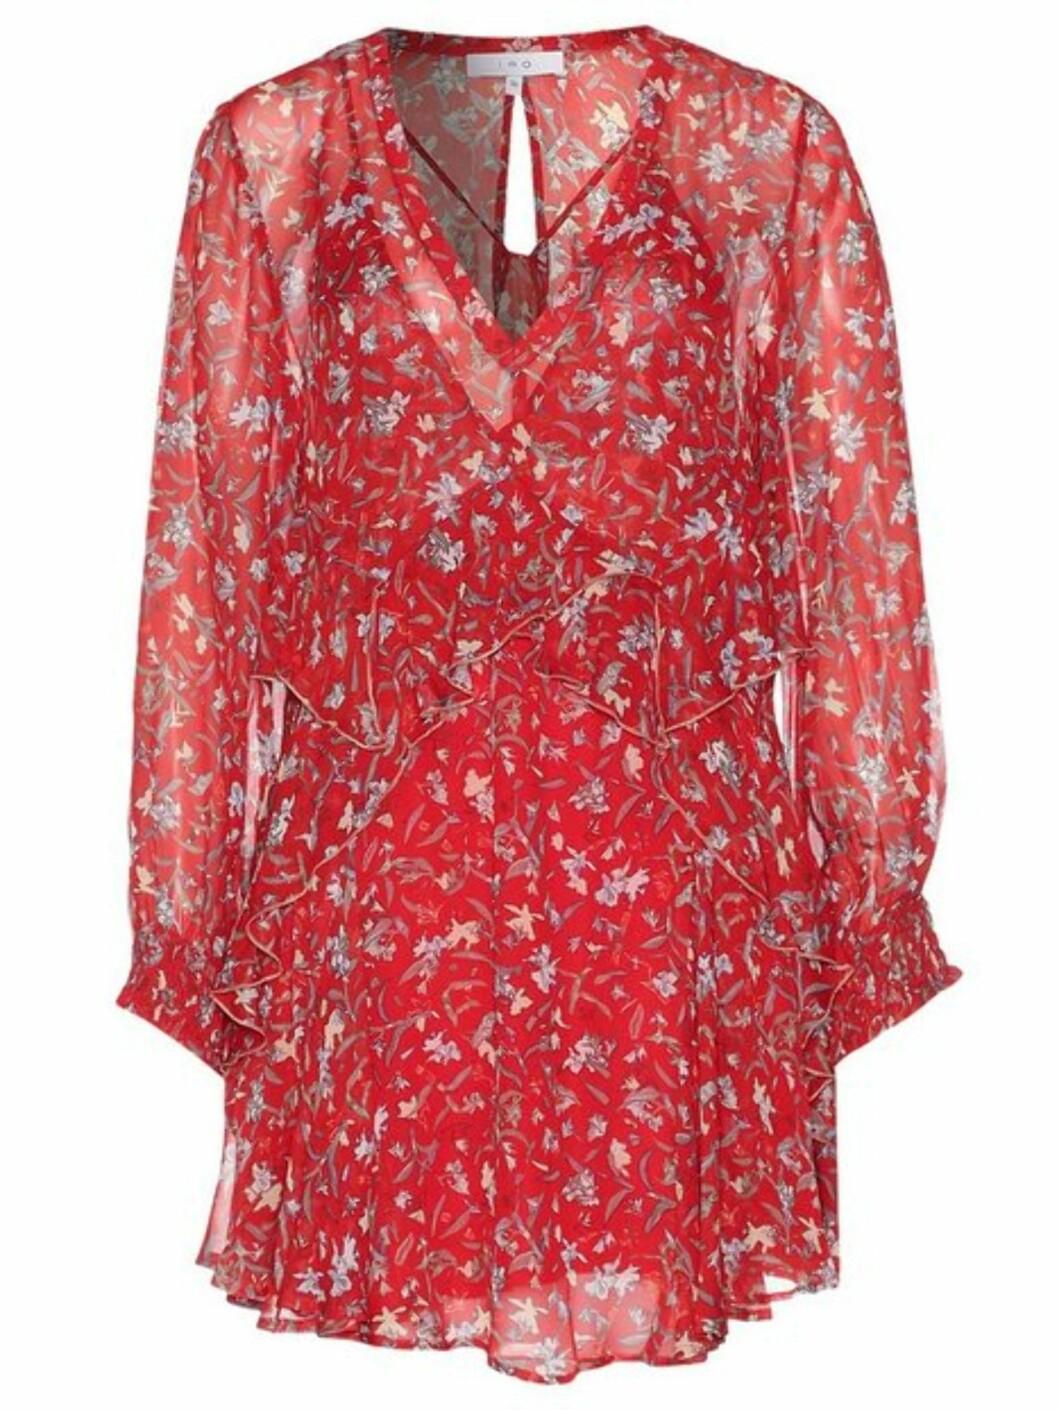 Kjole fra IRO via Nelly.com | kr 3599 | https://nelly.com/no/kl%C3%A6r-til-kvinner/kl%C3%A6r/kjoler/iro-2622/beaumont-260429-0446/